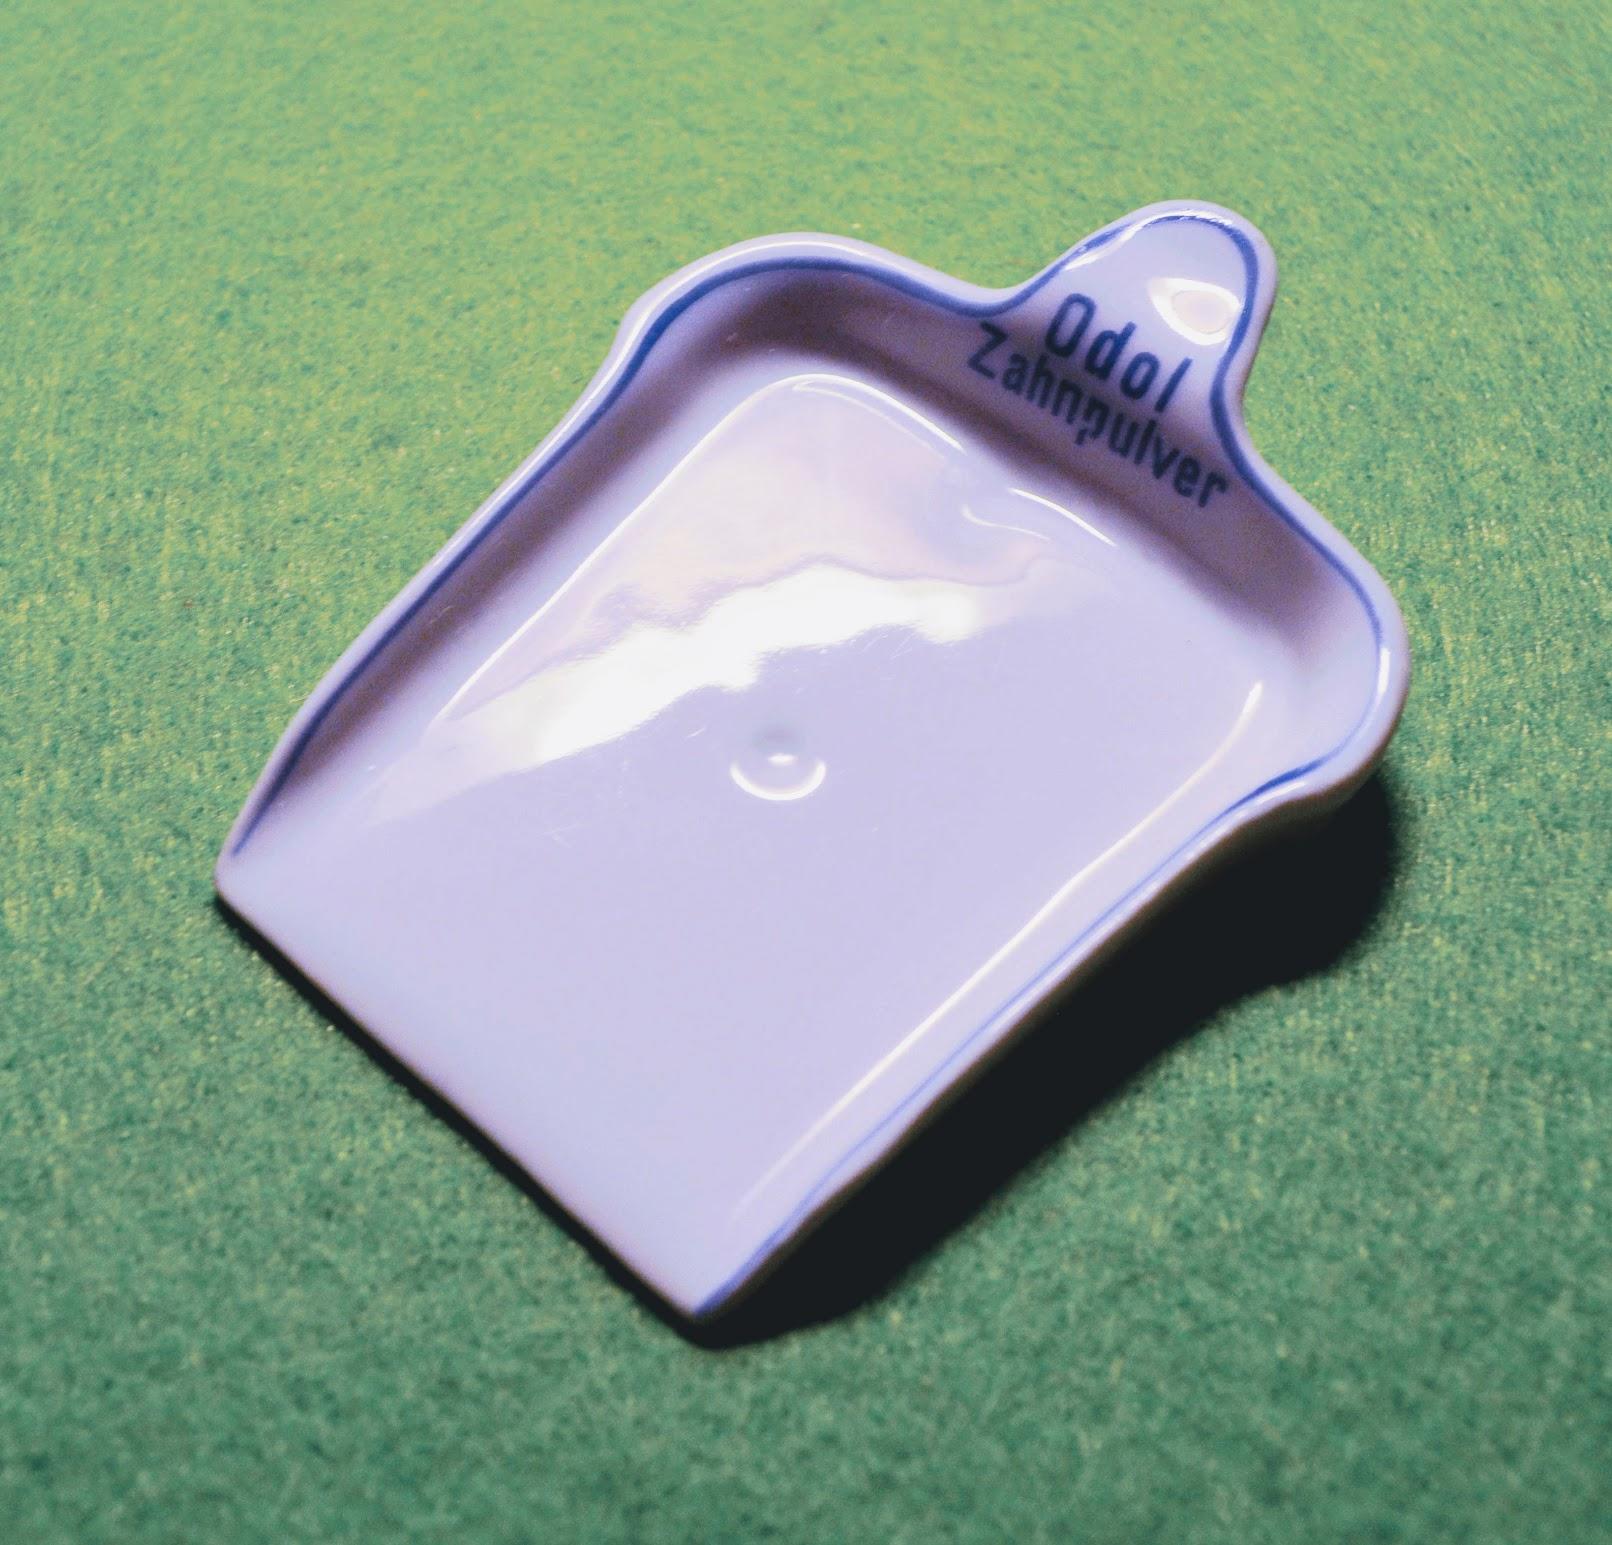 hin und her, hin und her, Zähneputzen ist nicht schwer - Odol Zahnpulver